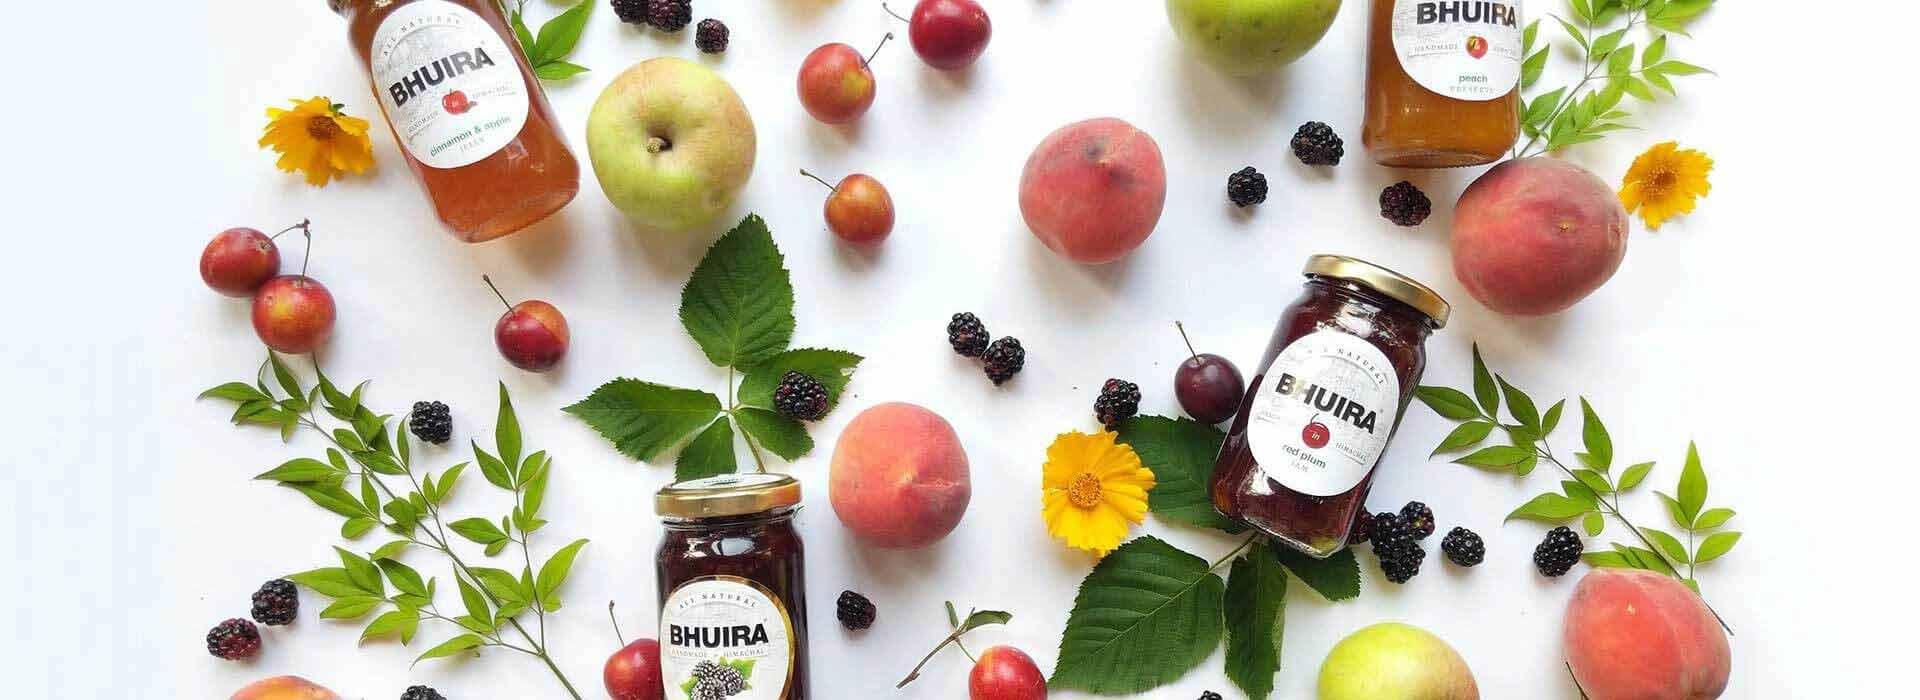 Bhuira Jams Product Range